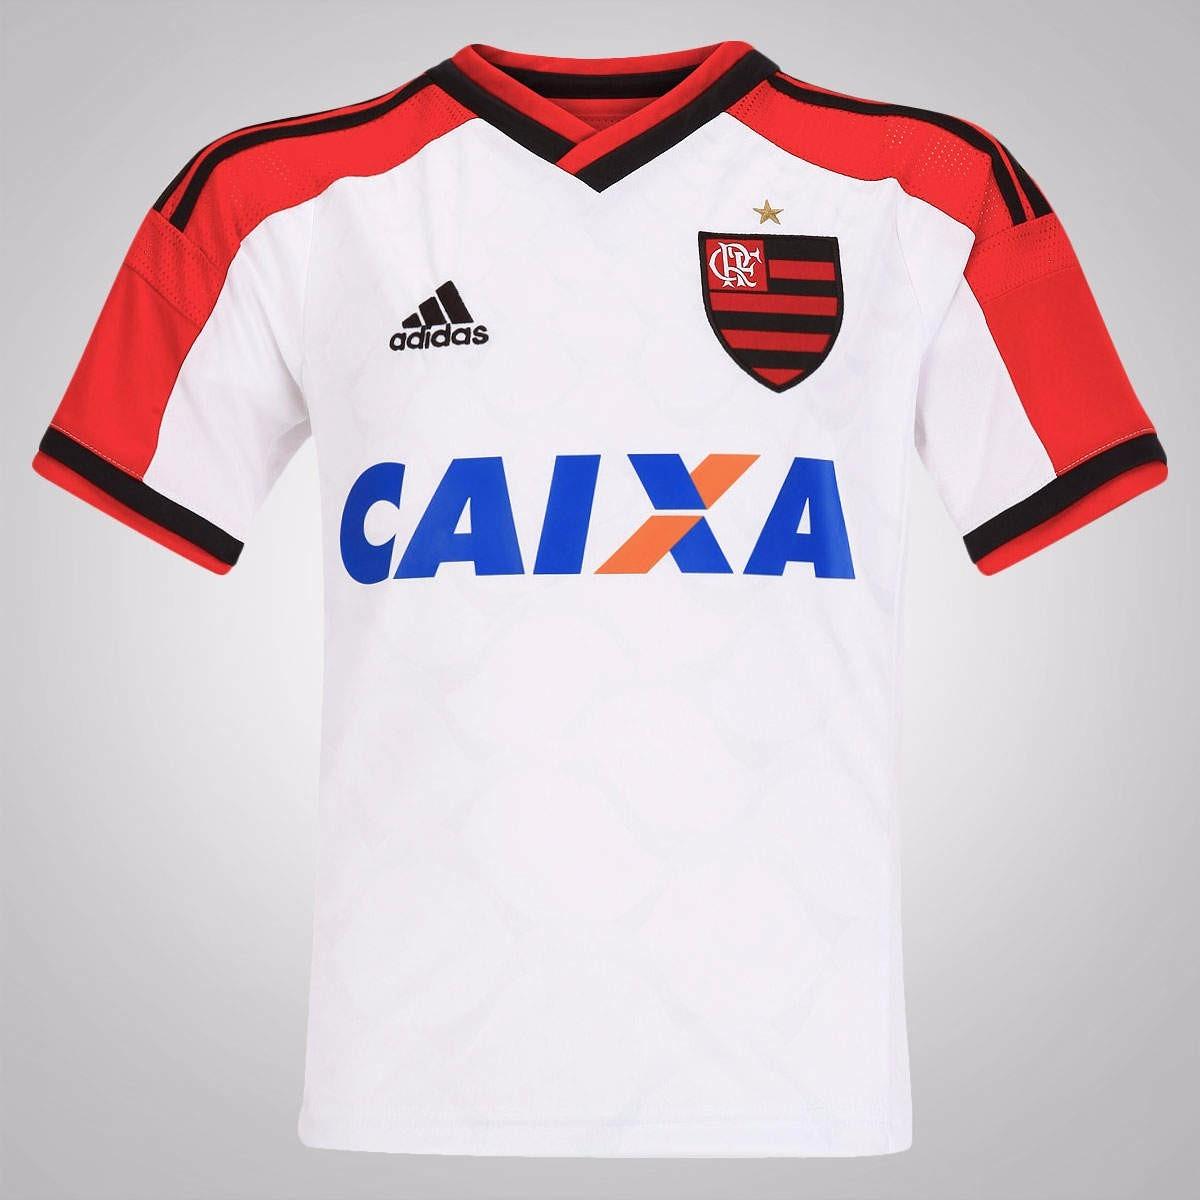 camisa flamengo infantil adidas oficial super promoção. Carregando zoom. c7843063bfed3